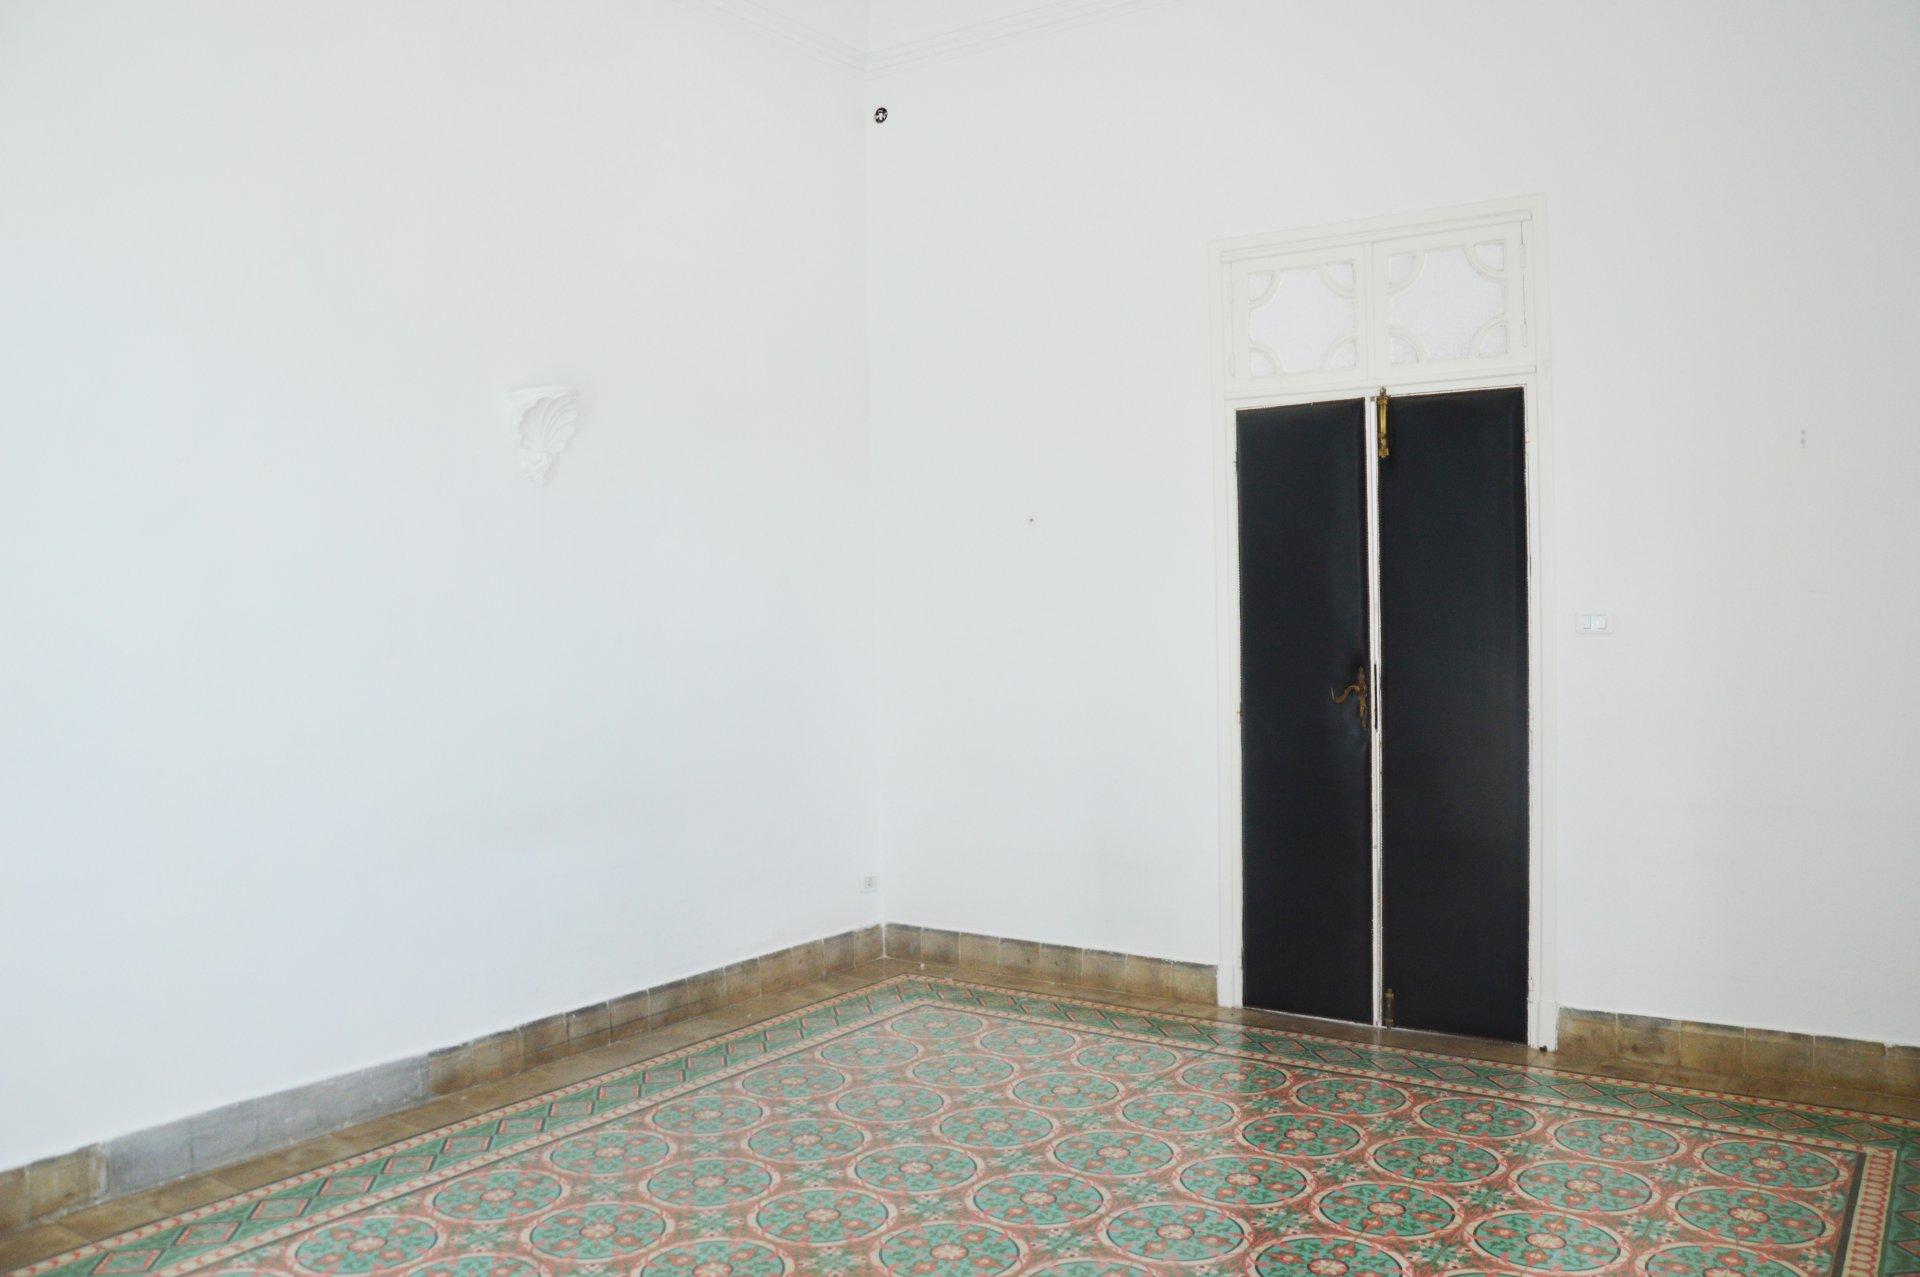 A louer un cabinet médical à Marsa ville